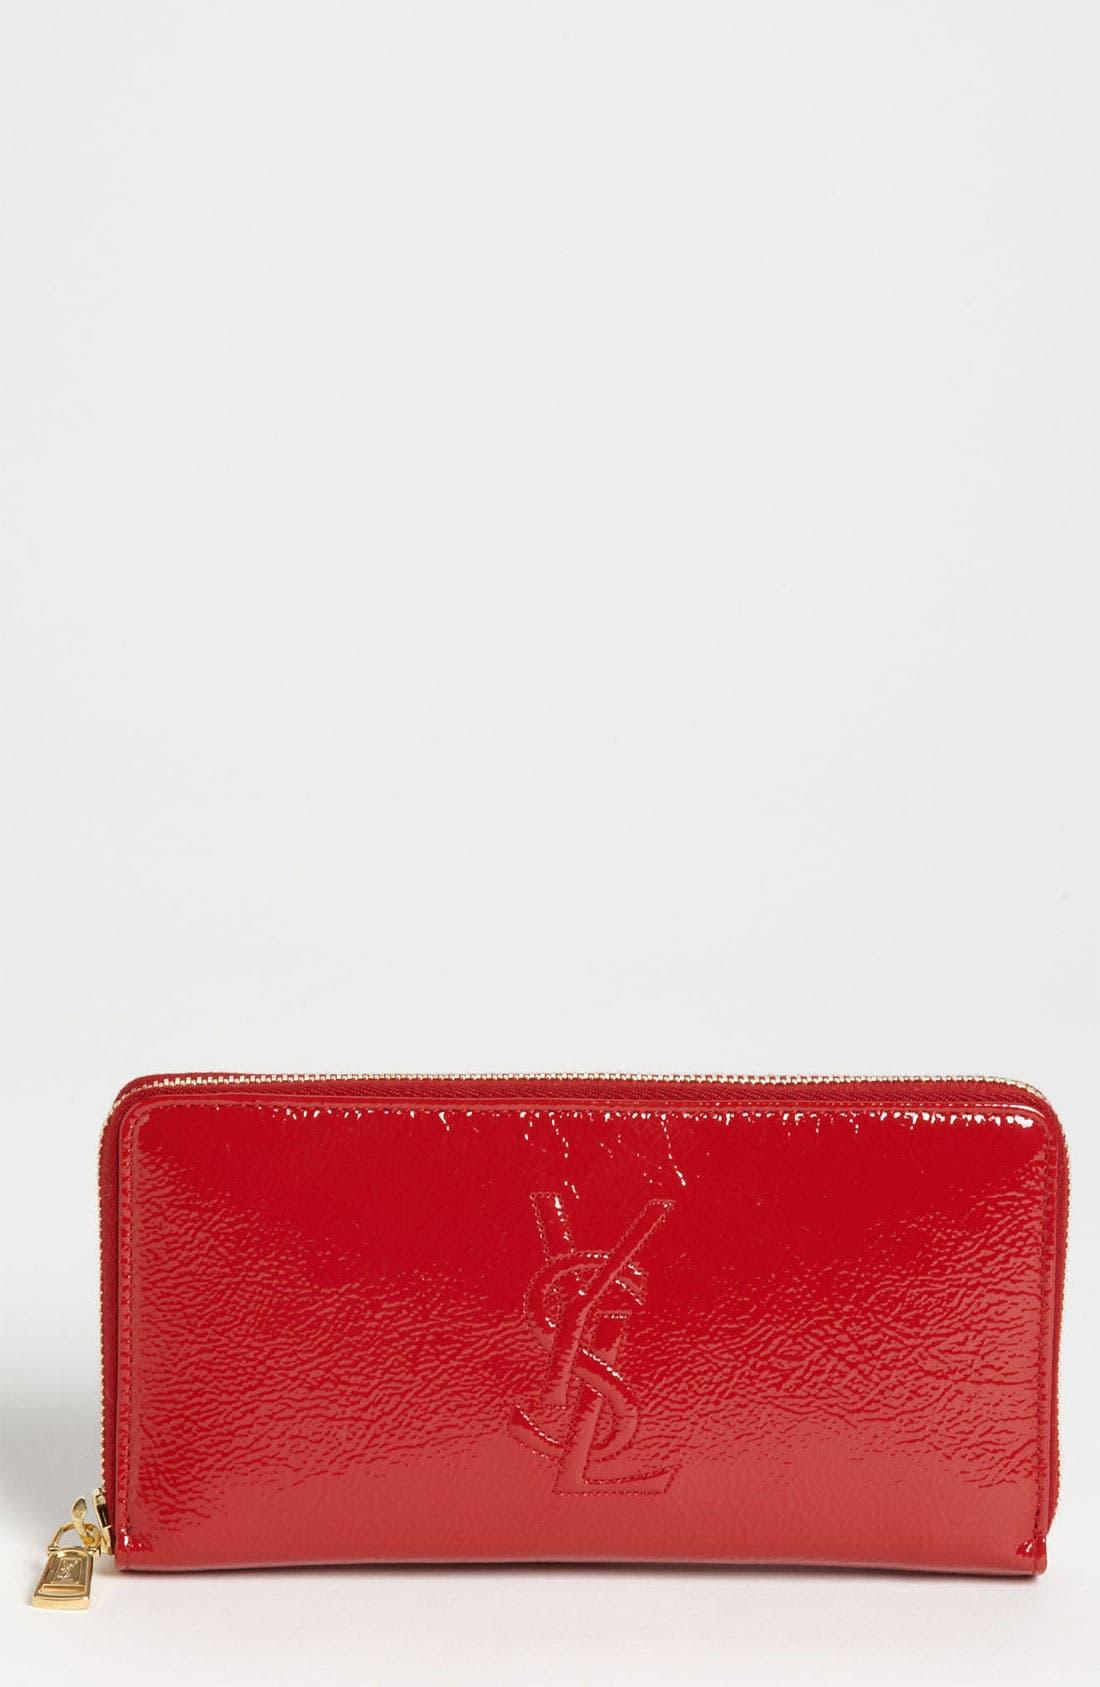 Main Image - Saint Laurent 'Belle de Jour' Leather Wallet